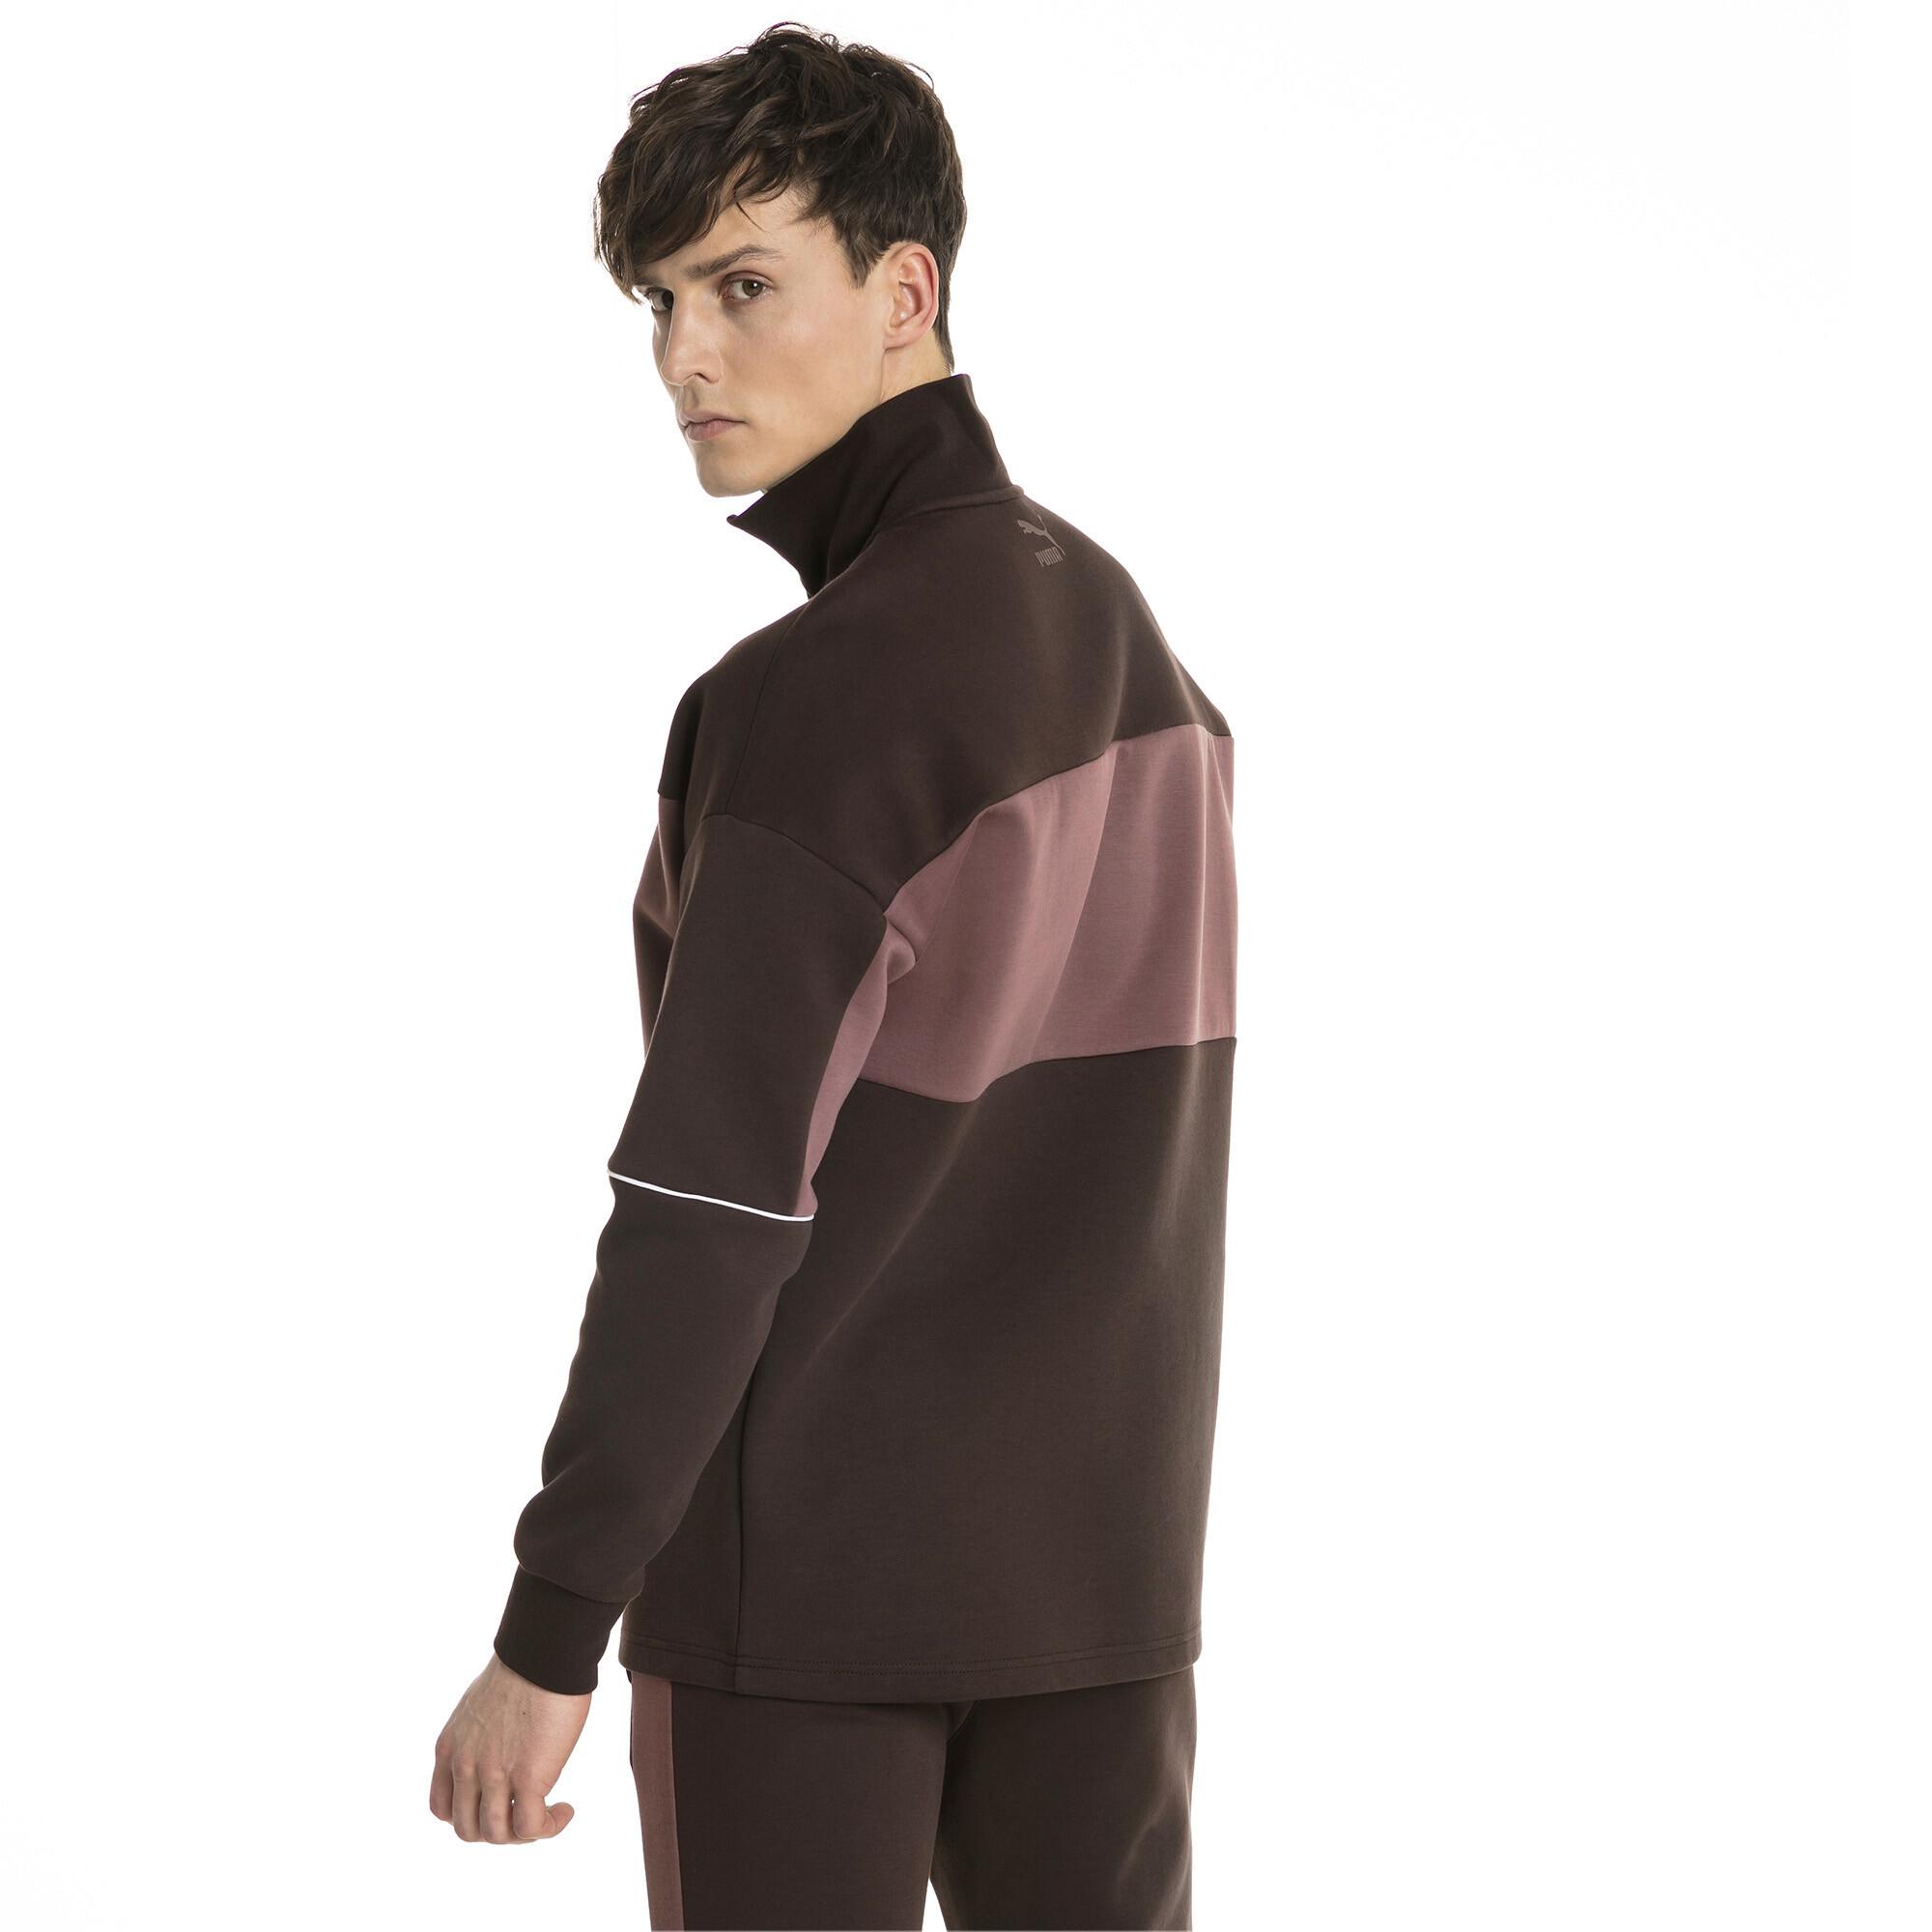 Image Puma Retro Quarter Zip Turtleneck Men's Pullover #2